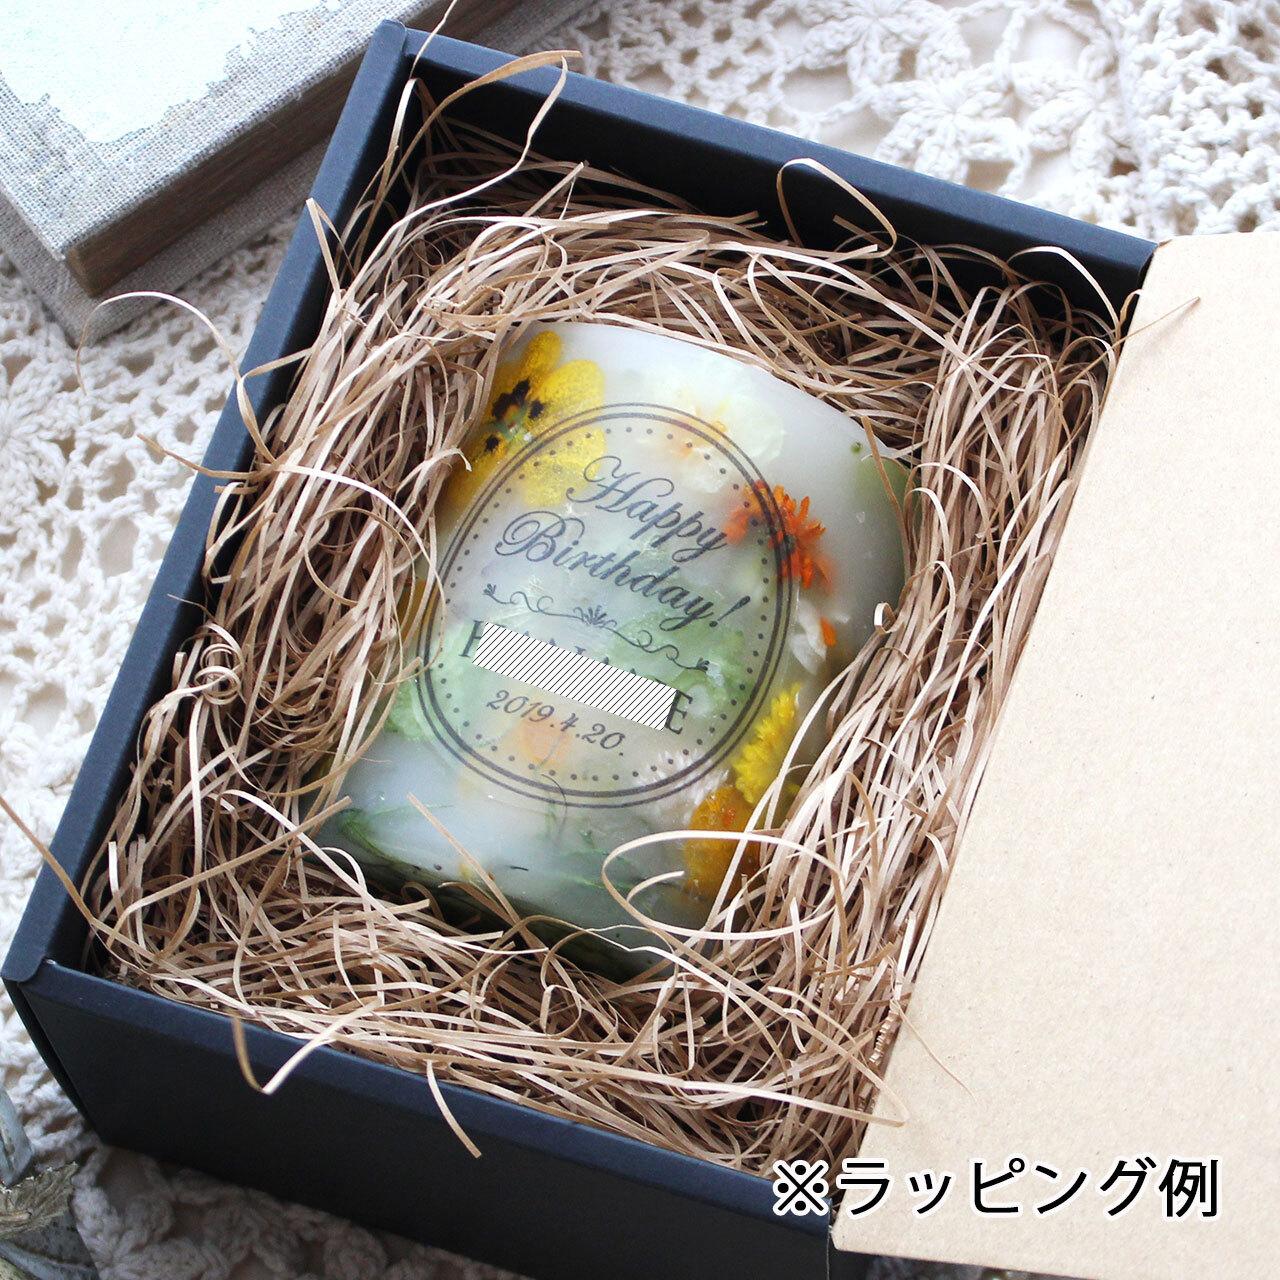 NC284 ギフトラッピング付き☆メッセージ&日付&名入れボタニカルキャンドル ラナンキュラス